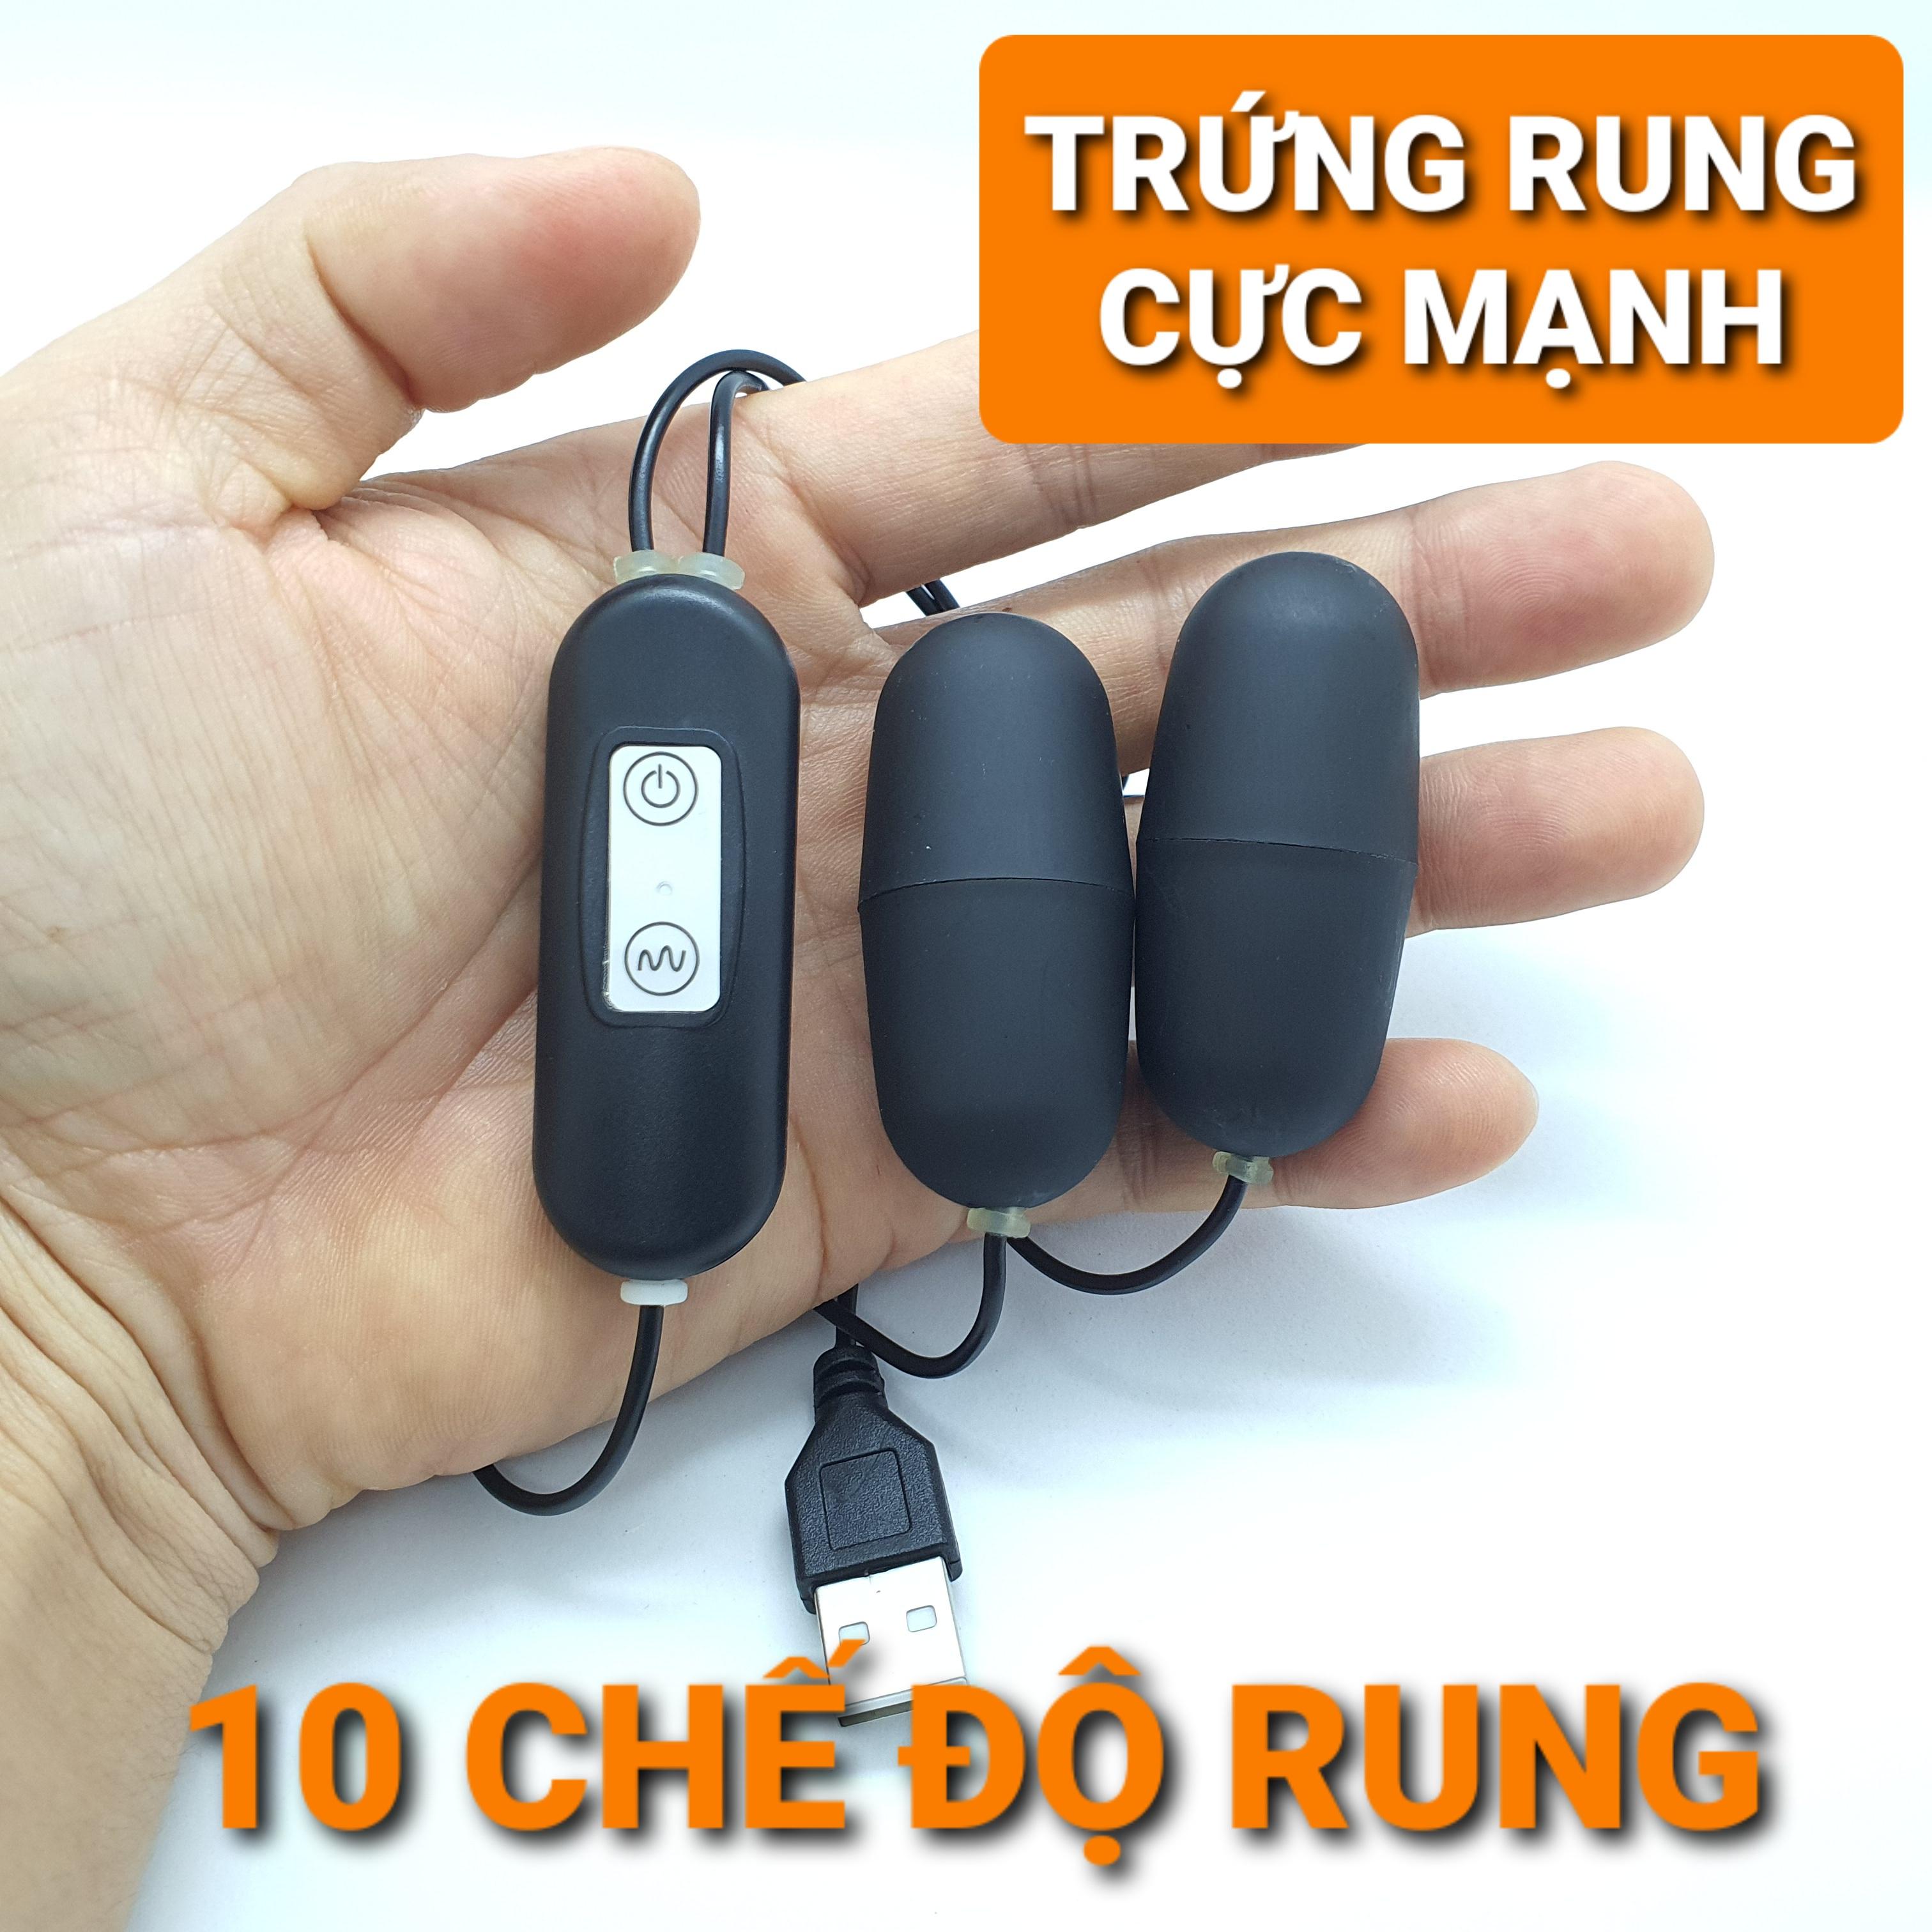 2 TRỨNG RUNG USB RUNG CỰC MẠNH - TẶNG GEL